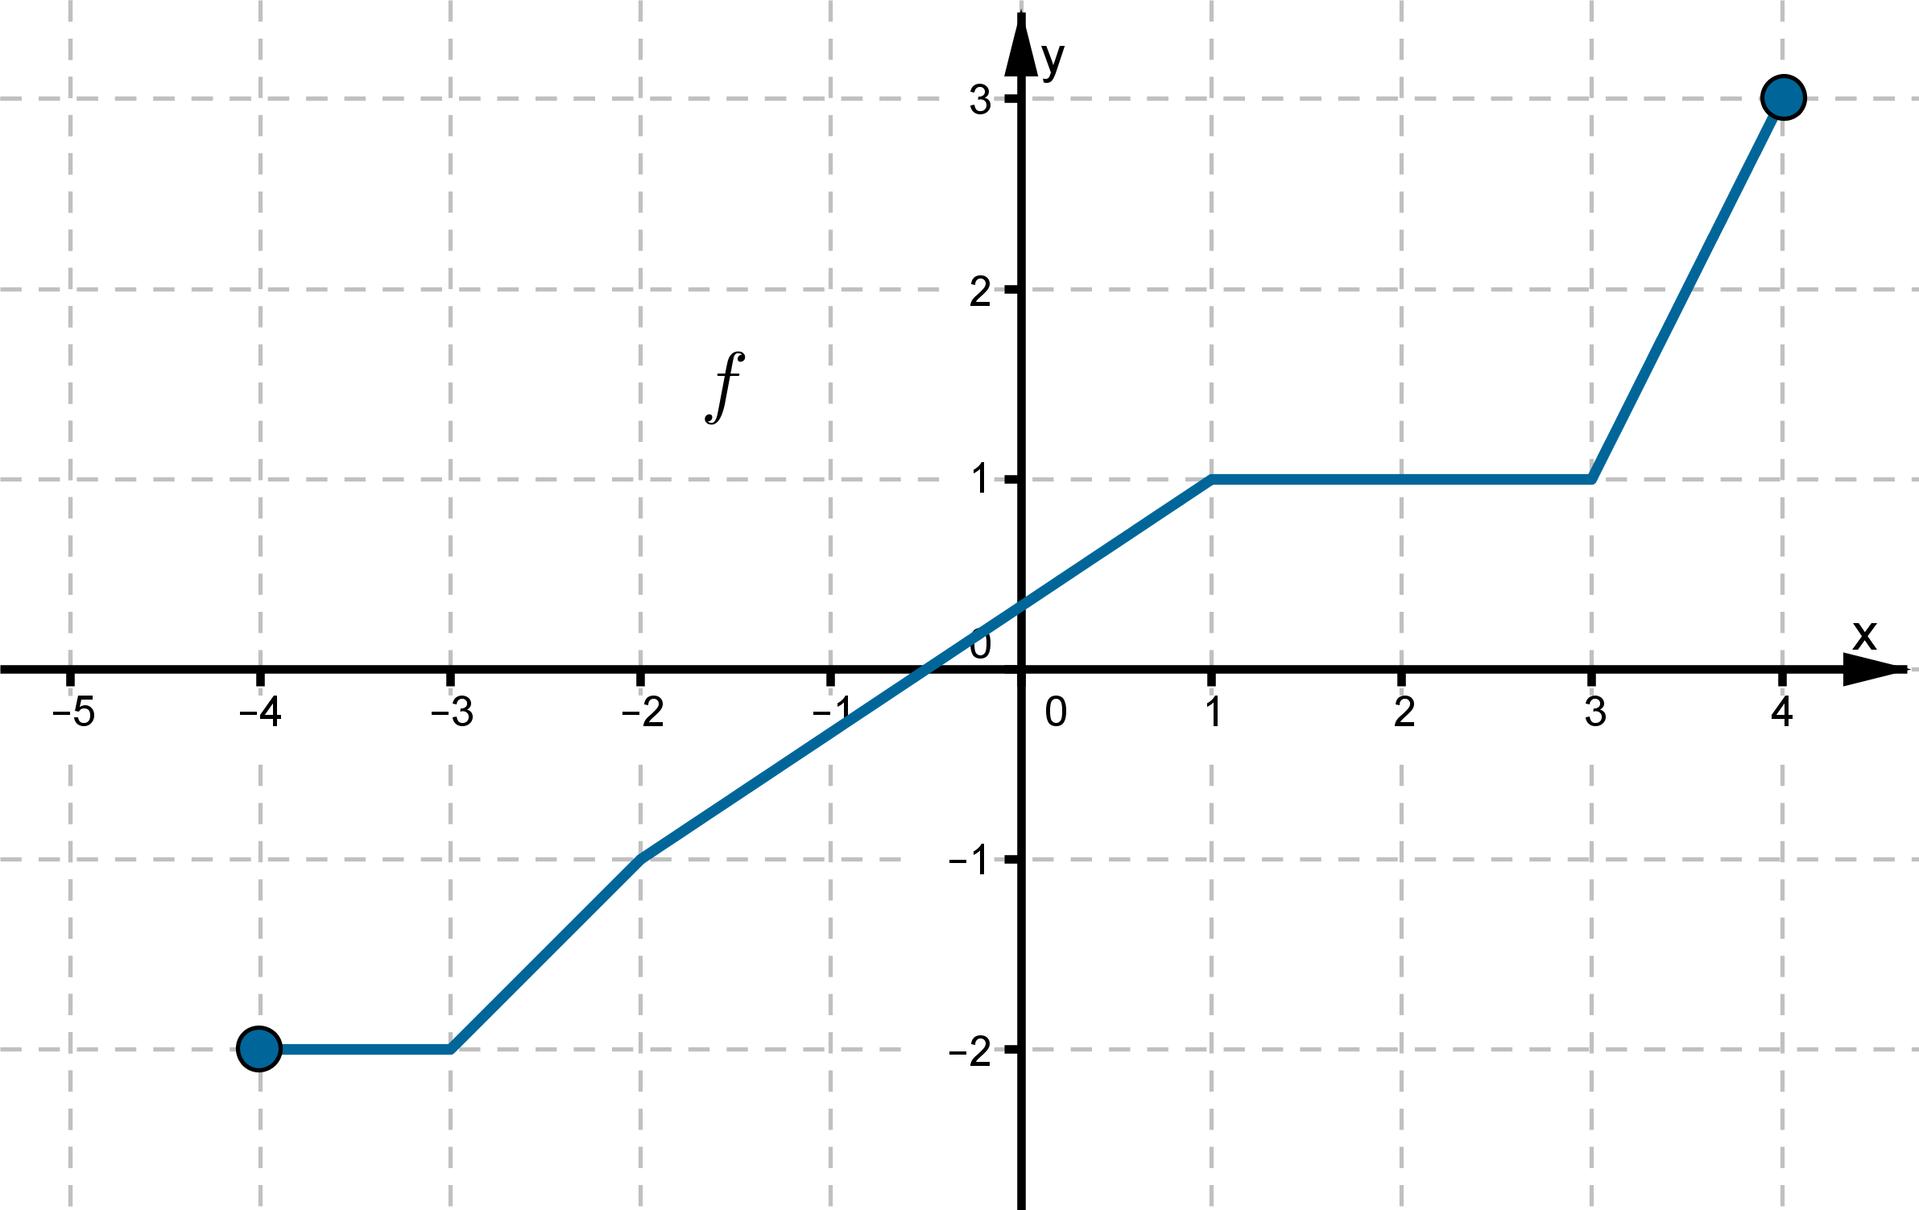 Wykres funkcji wpostaci łamanej złożonej zpięciu odcinków leżącej wpierwszej, drugiej itrzeciej ćwiartce układu współrzędnych. Dziedziną funkcji jest przedział obustronnie domknięty od -4 do 4. Punkty owspółrzędnych (-4, -2), (-3, -2), (-2, -1), (1, 1), (3, 1), (4, 3) należą do wykresu funkcji.